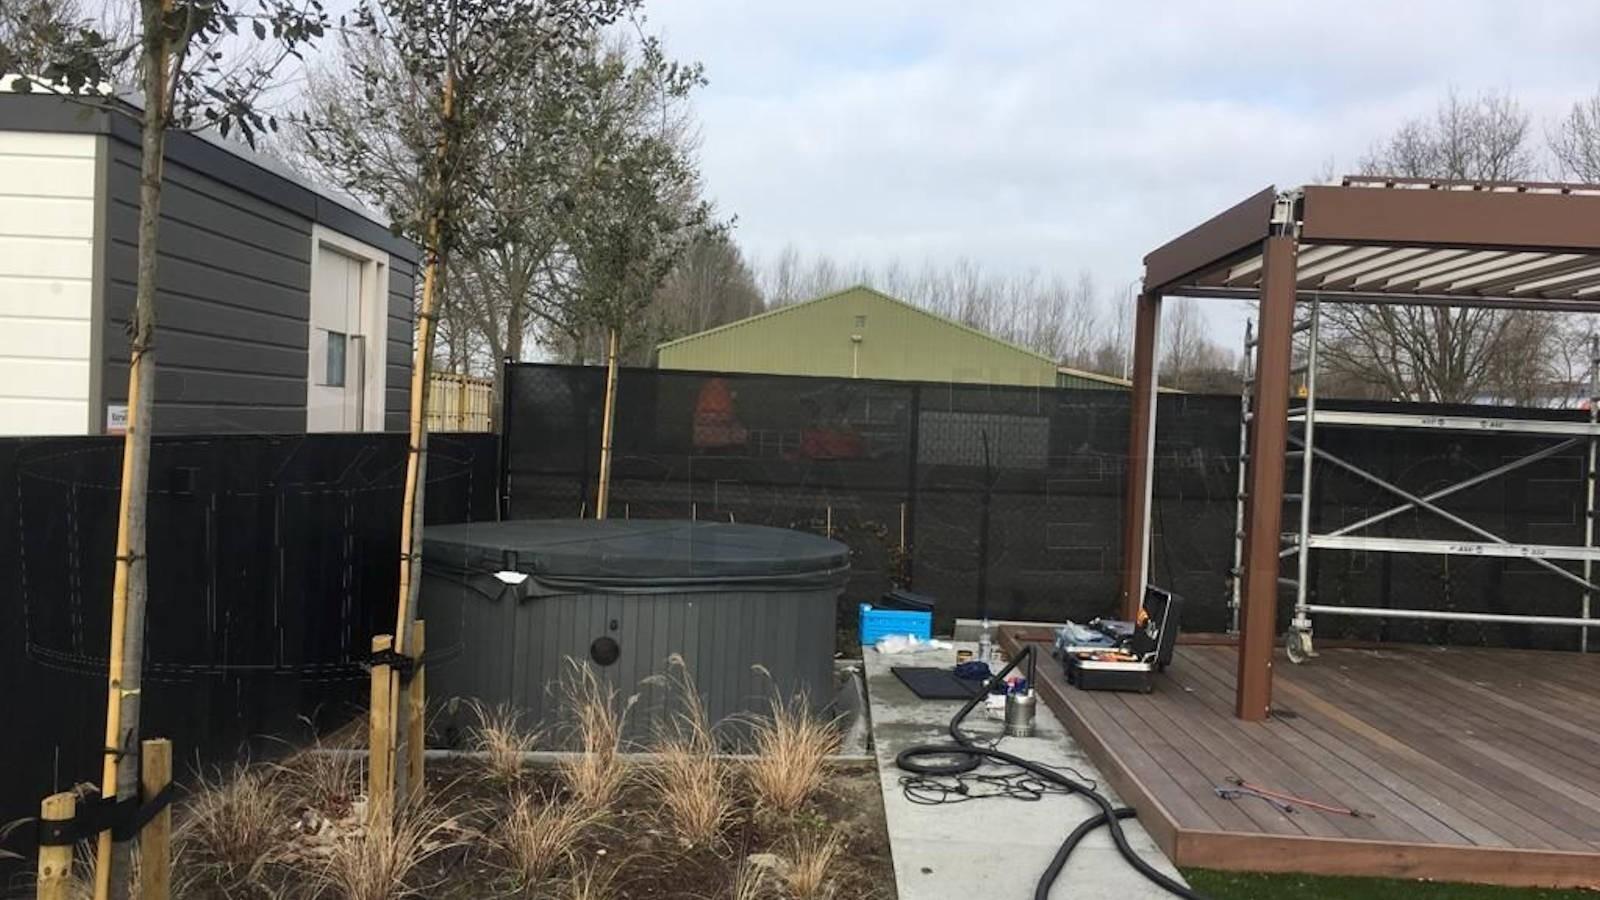 Ombouw van een Chinese spa naar Balboa technologie in Zevenbergen